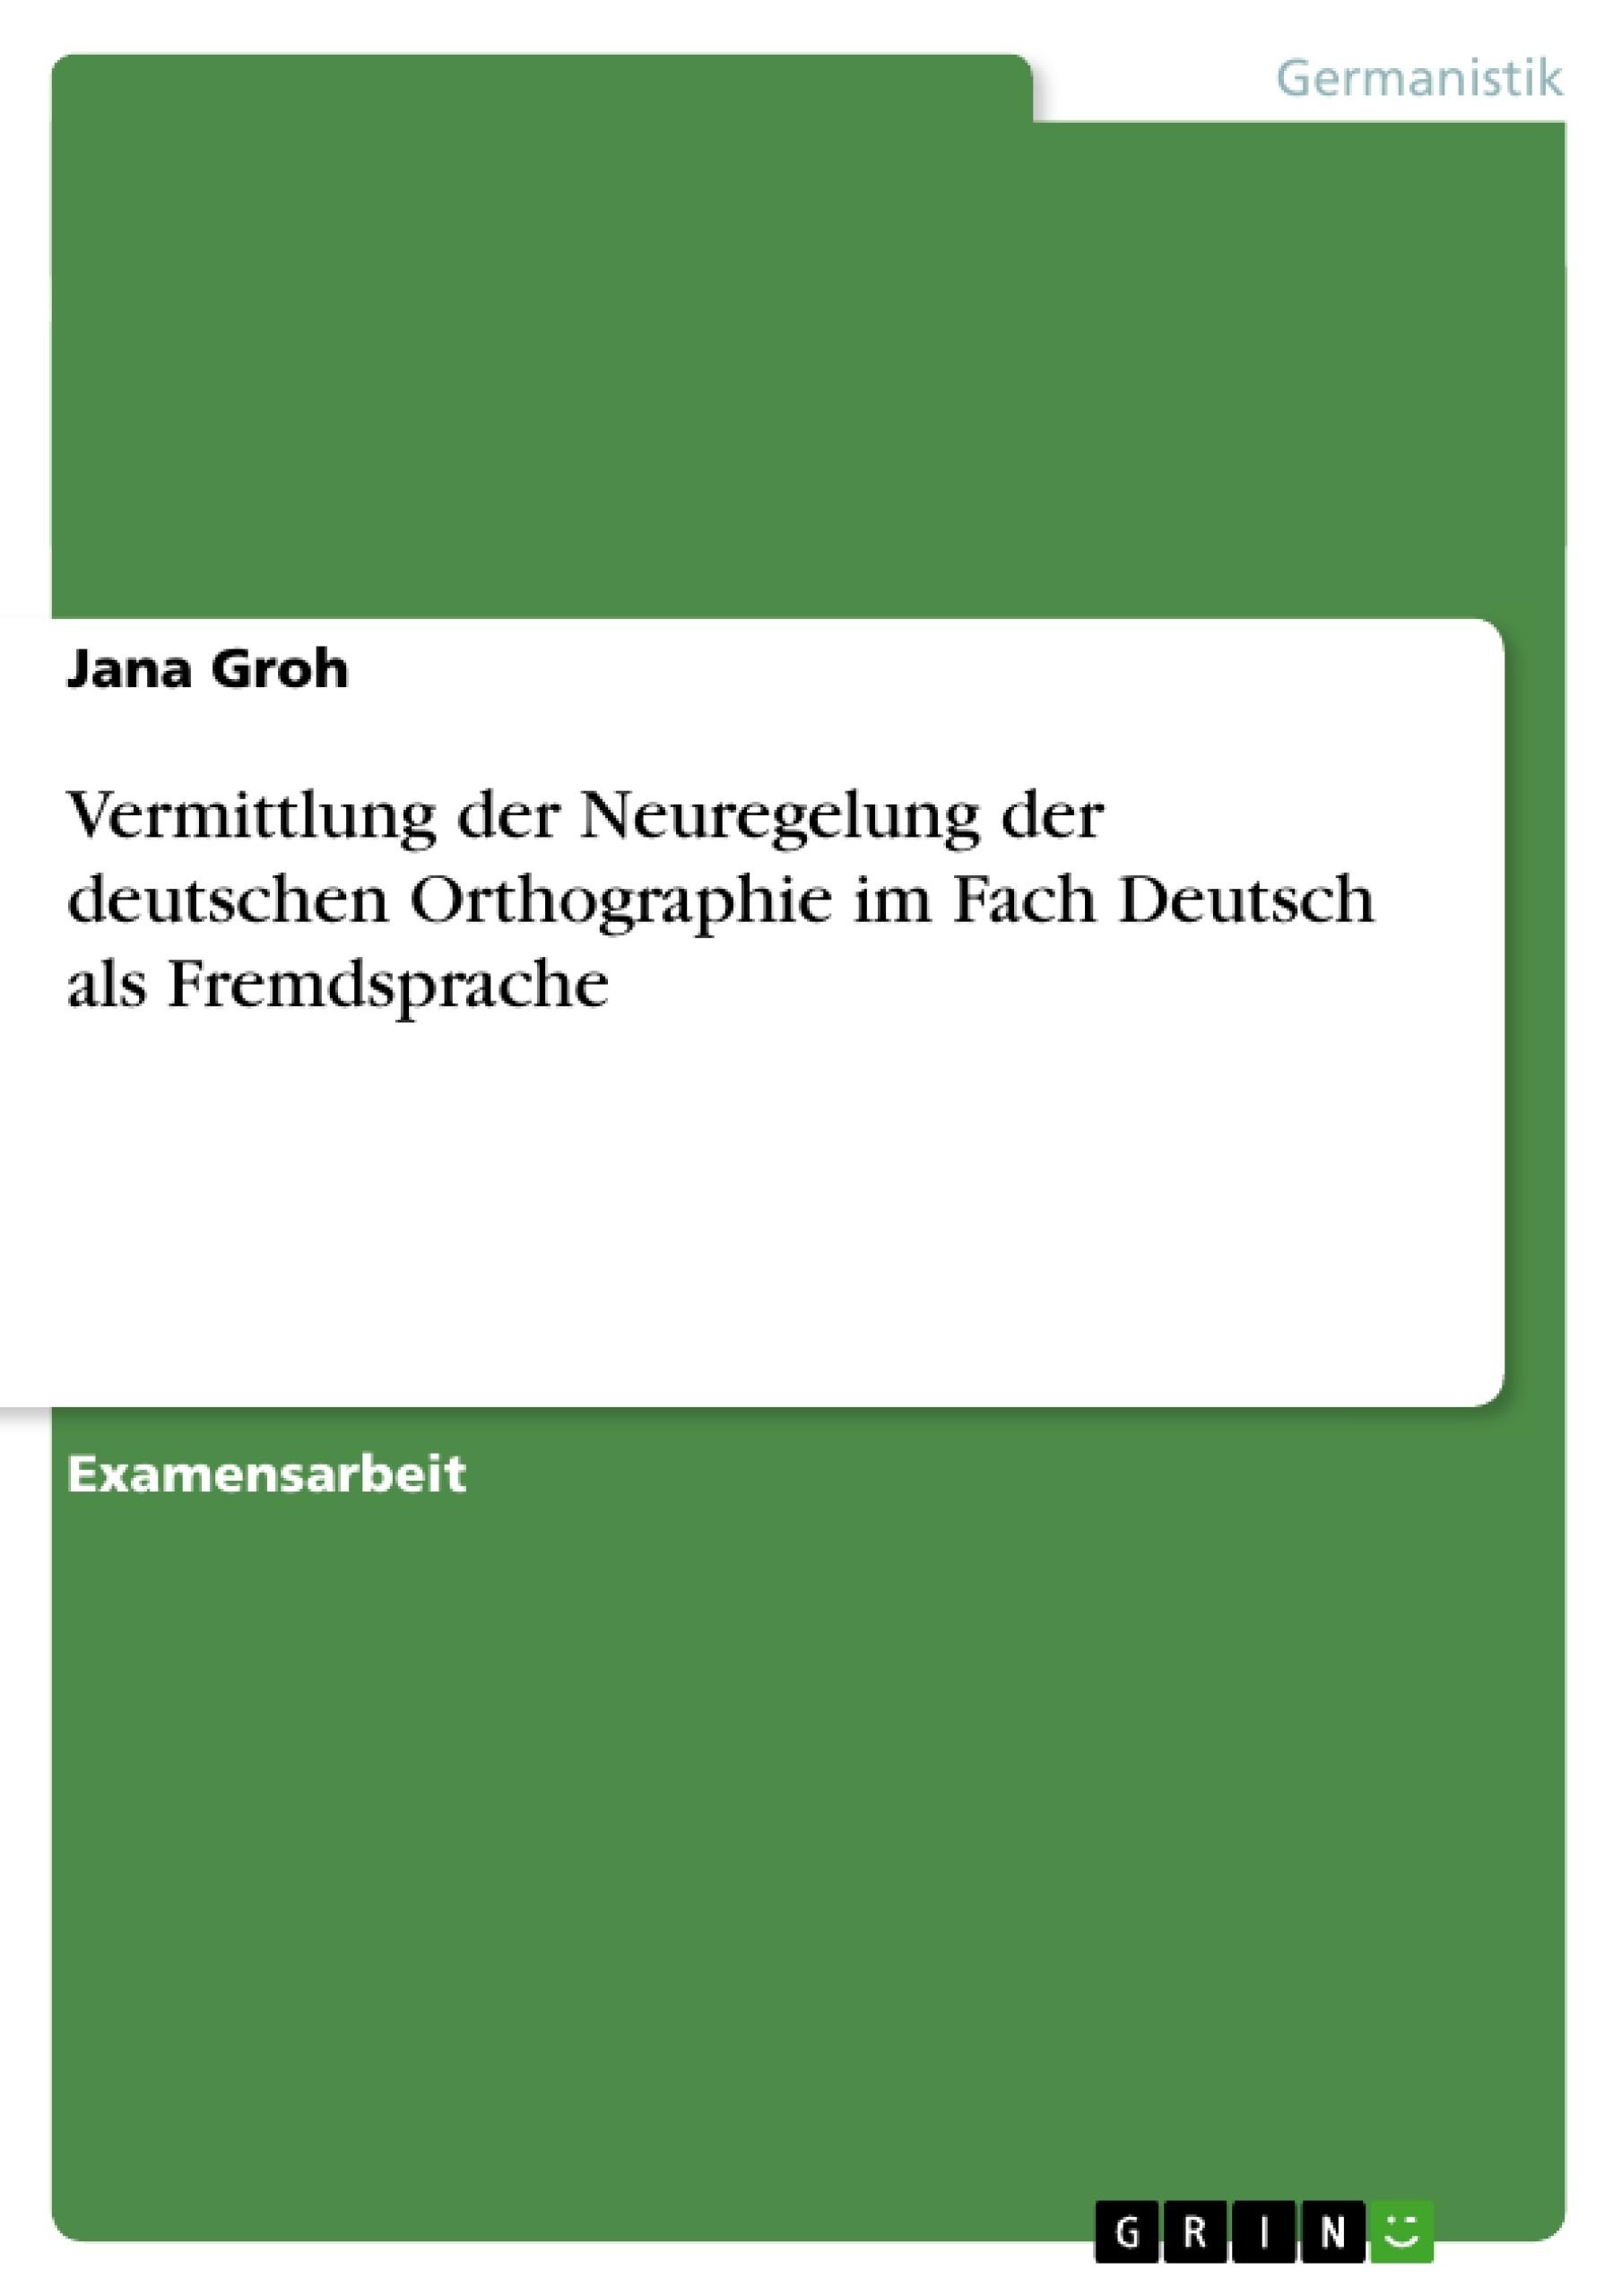 Titel: Vermittlung der Neuregelung der deutschen Orthographie im Fach Deutsch als Fremdsprache